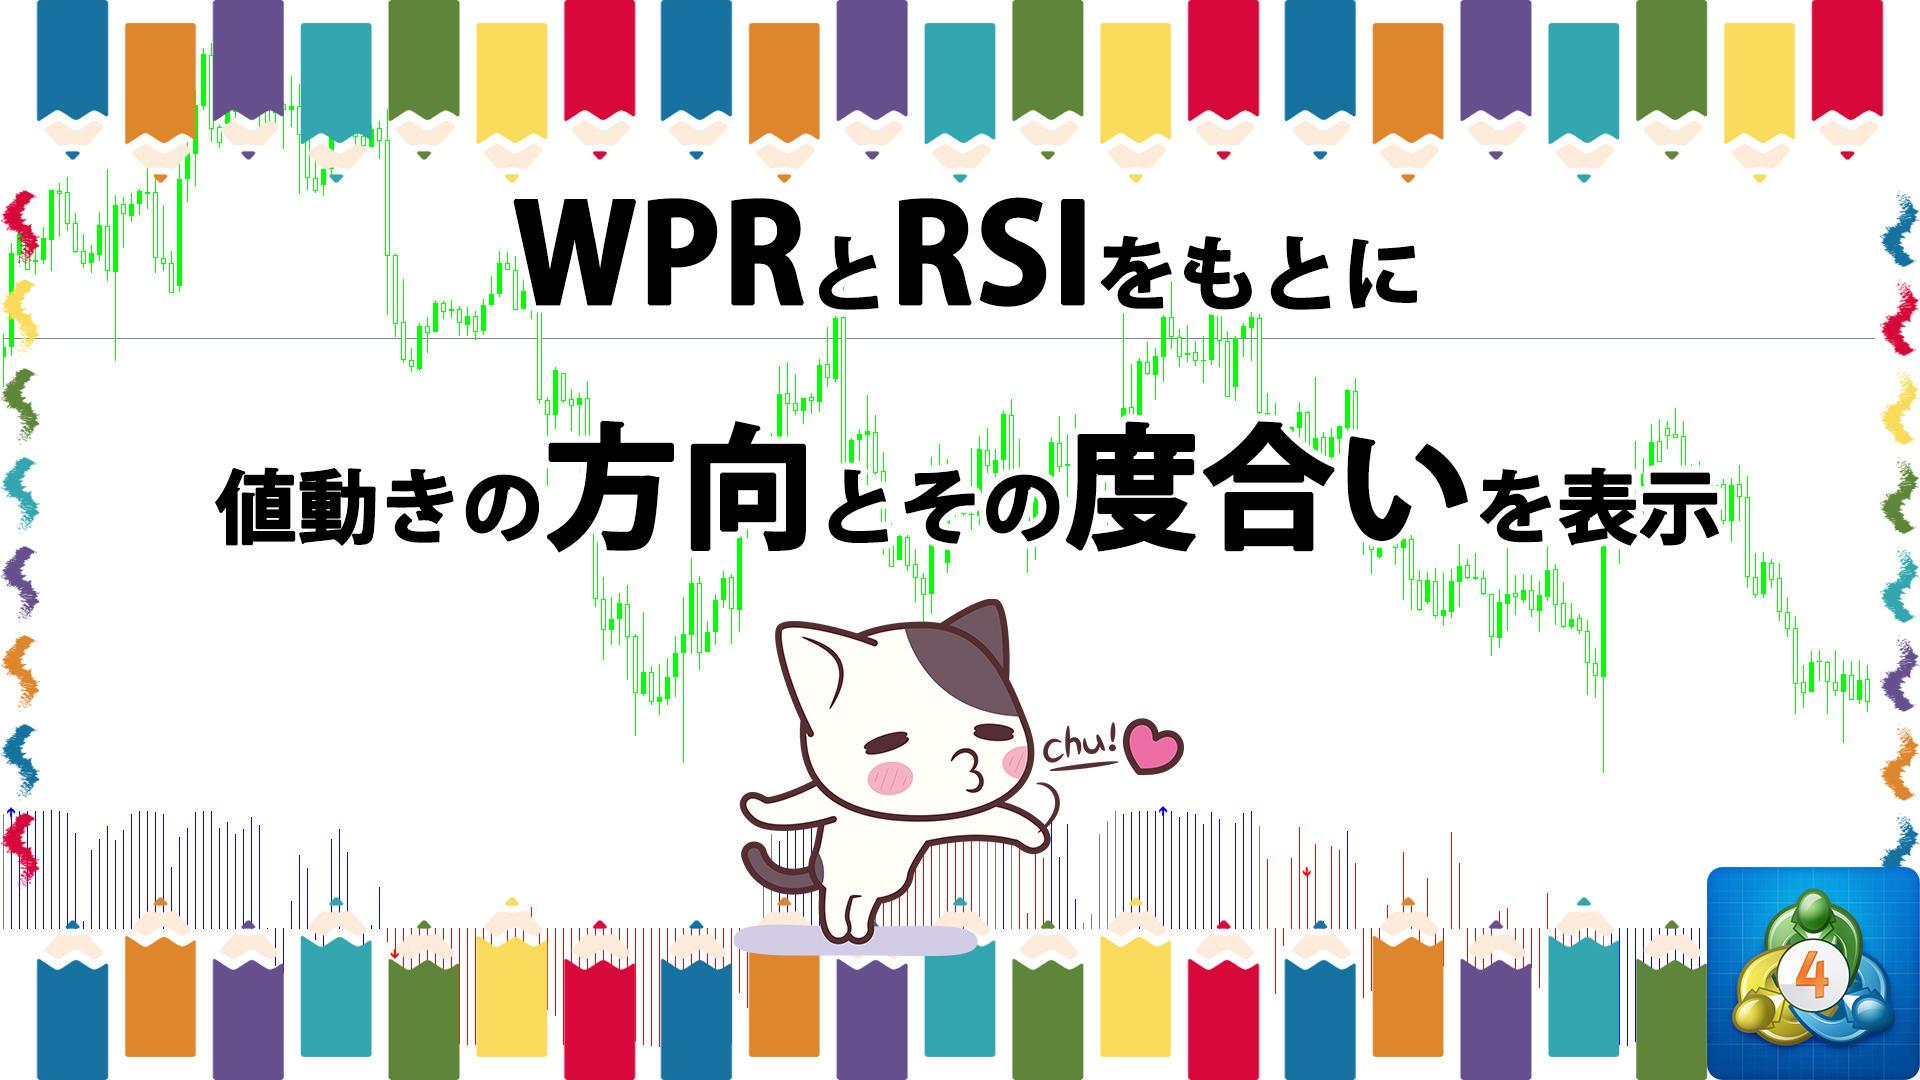 WPRとRSIをもとに値動きの方向や度合いをヒストグラムで表示してアラートで通知するMT4インジケーター「WPRSI_signal_V.2(SoundAlarm)」